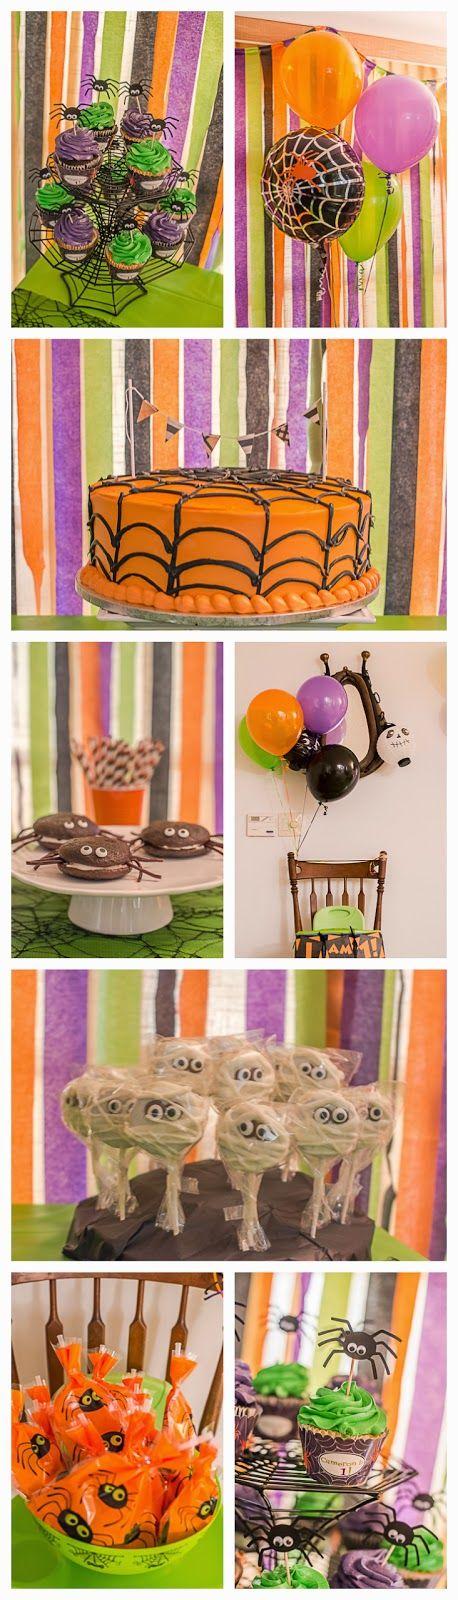 halloween spider birthday party first birthday 1st birthday spider - Baby Halloween Birthday Party